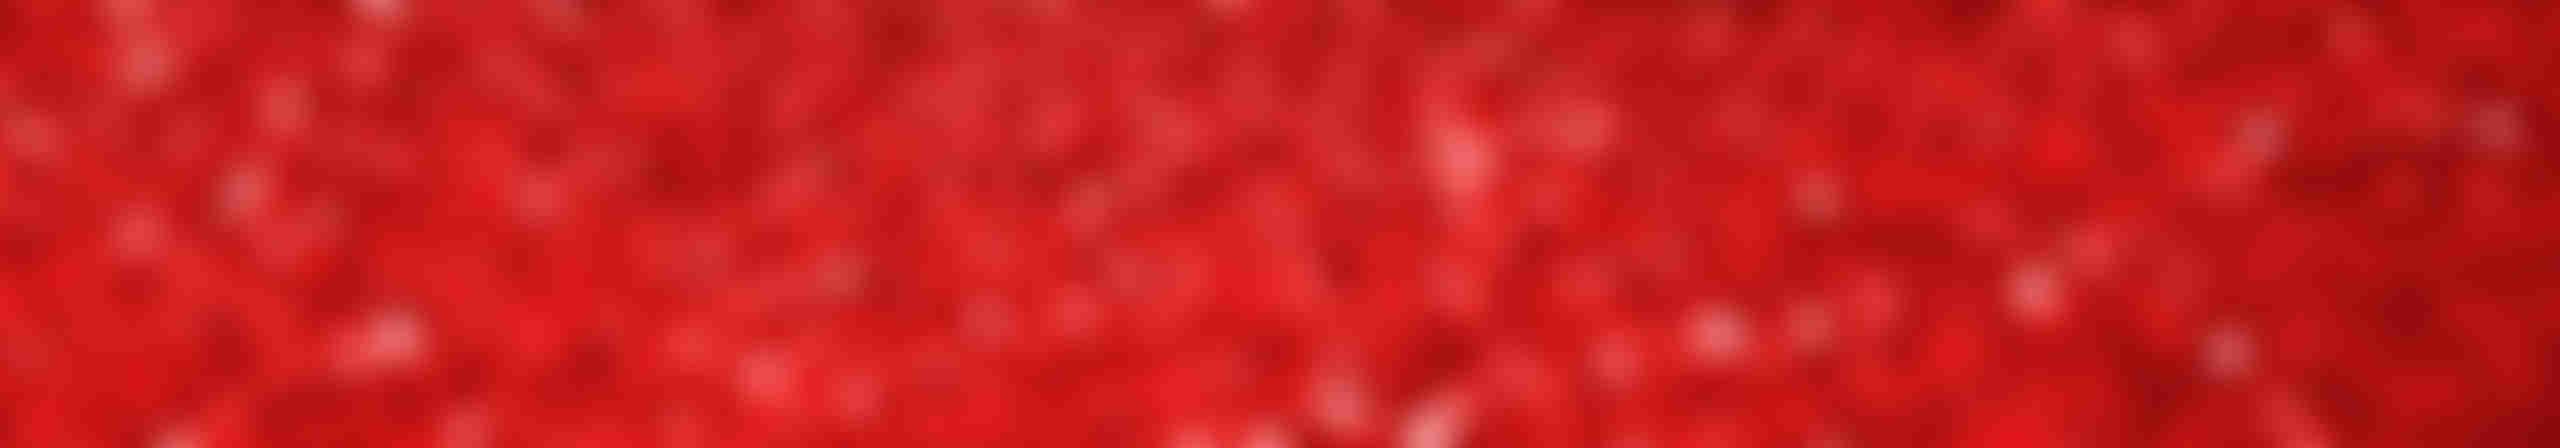 Оклейка плёнкой «Алмазная крошка»